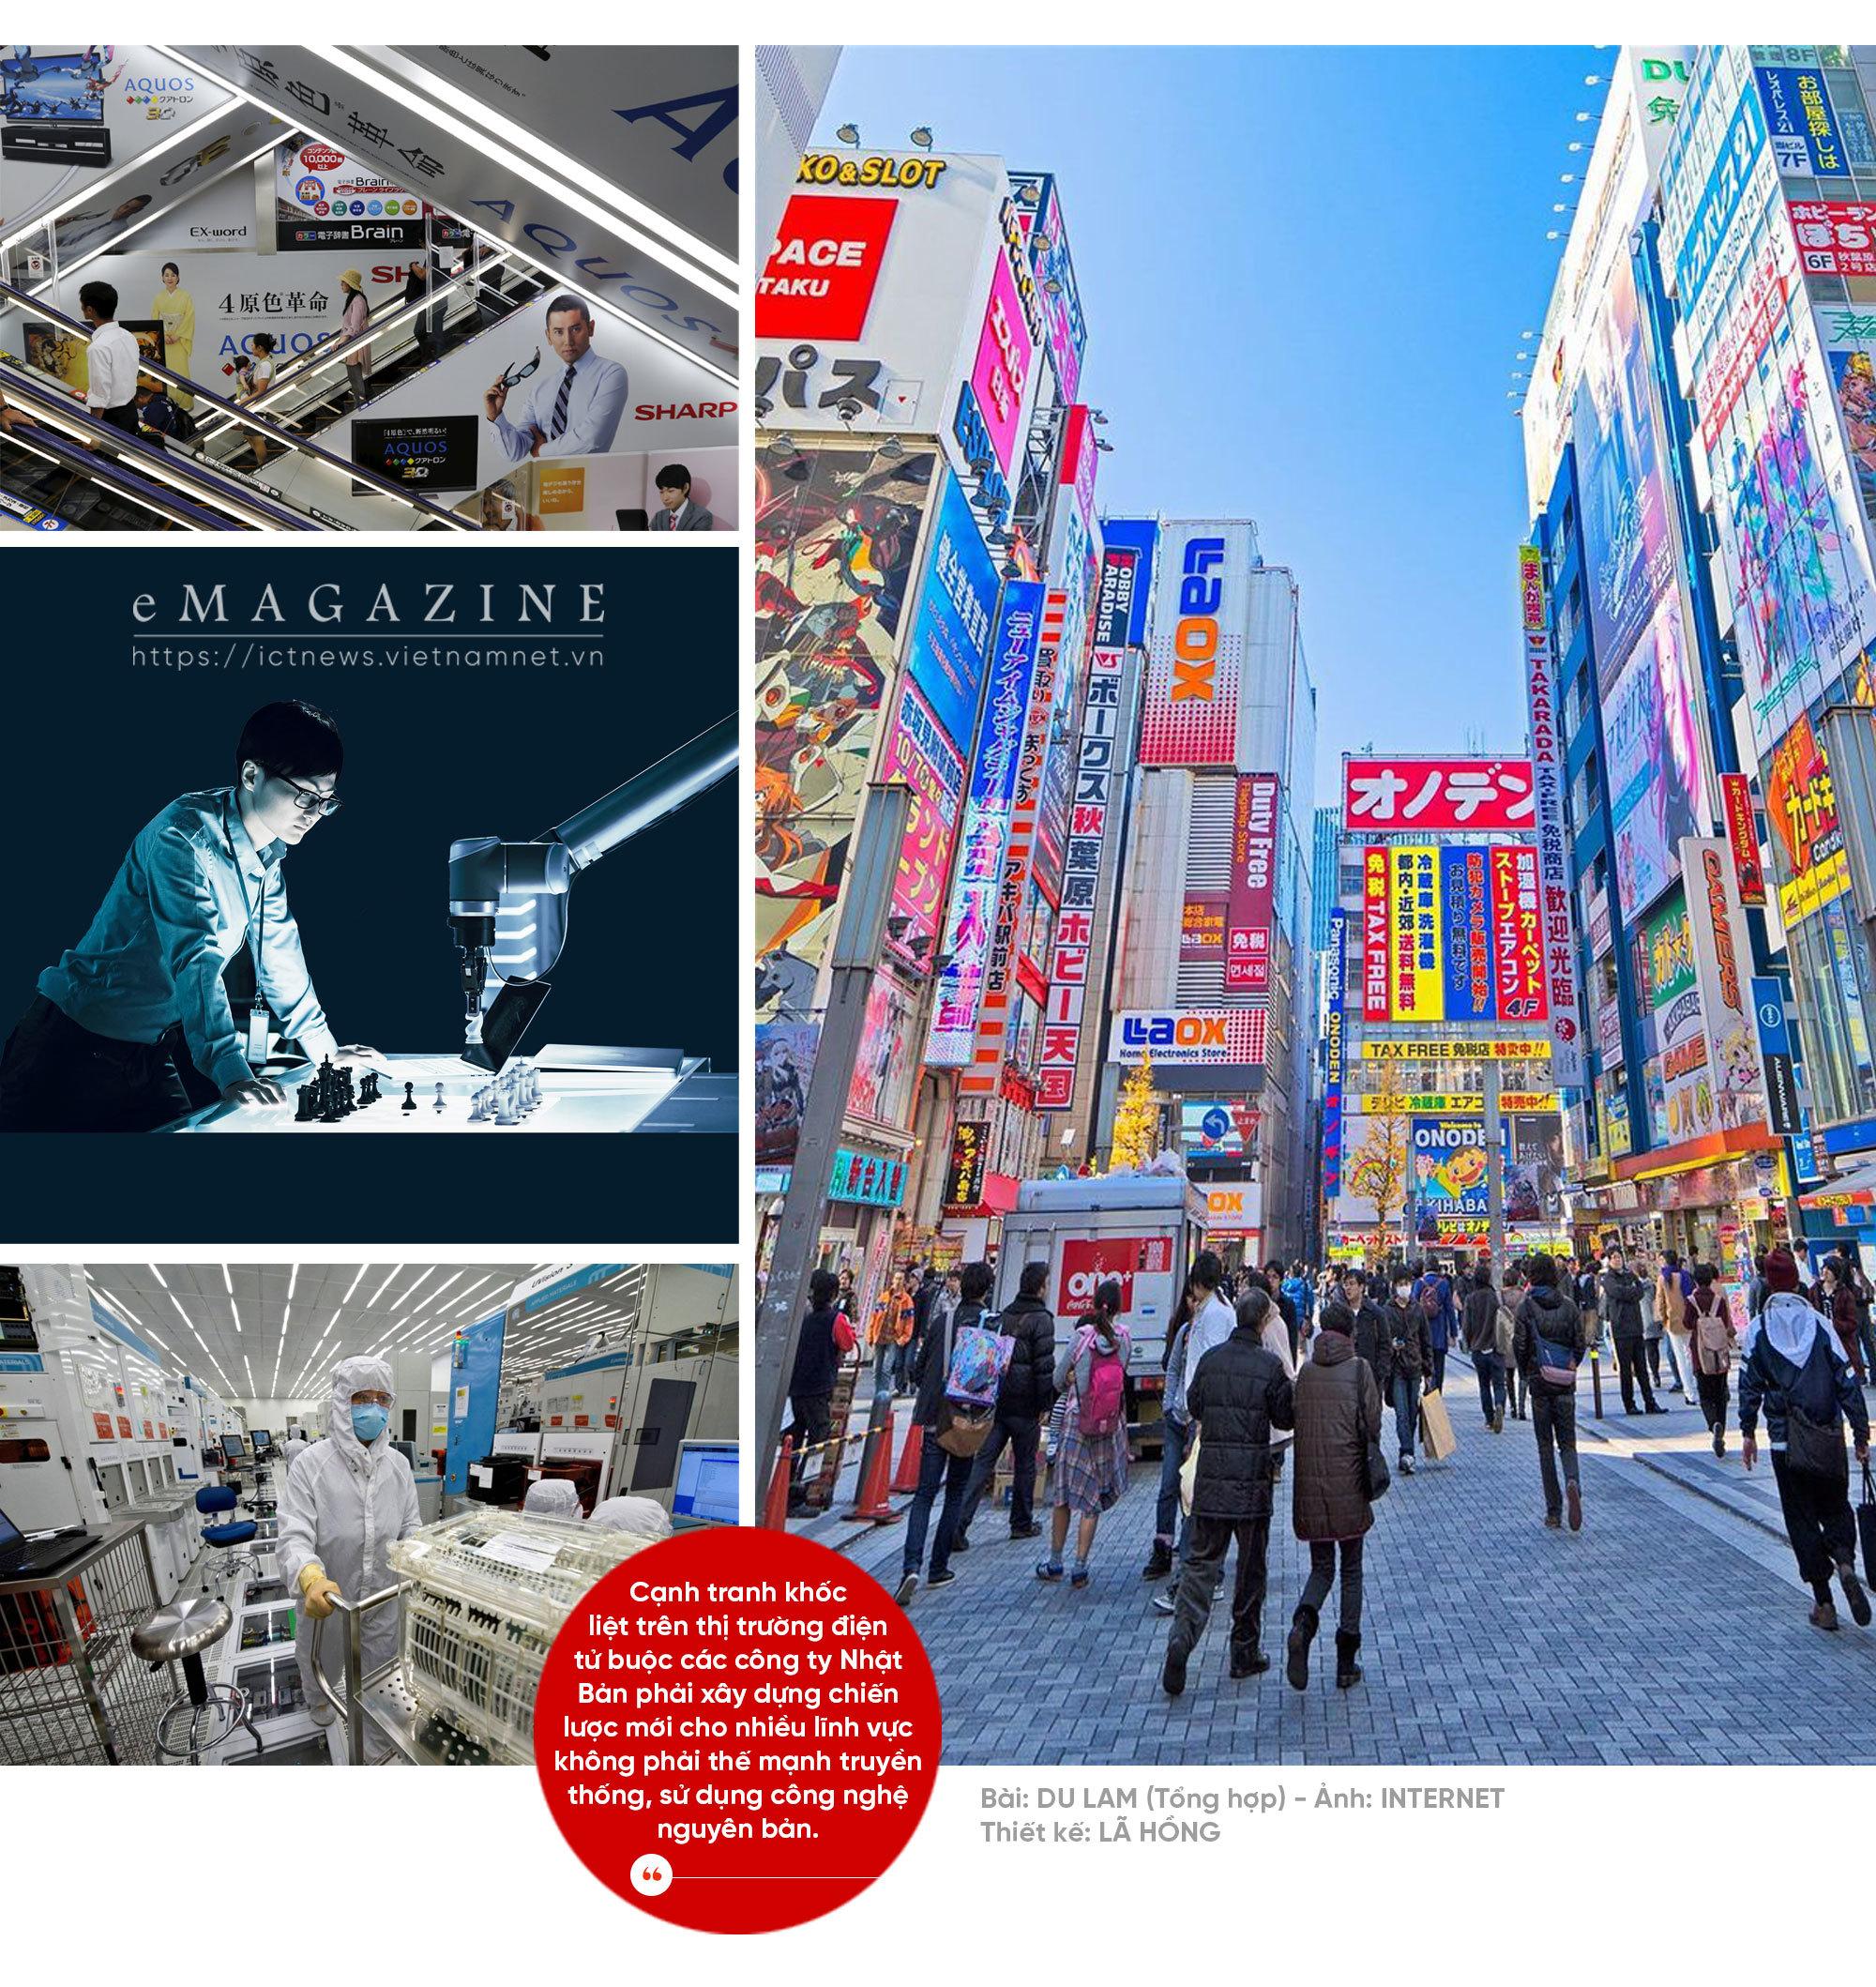 Điện tử Nhật Bản đang hồi sinh